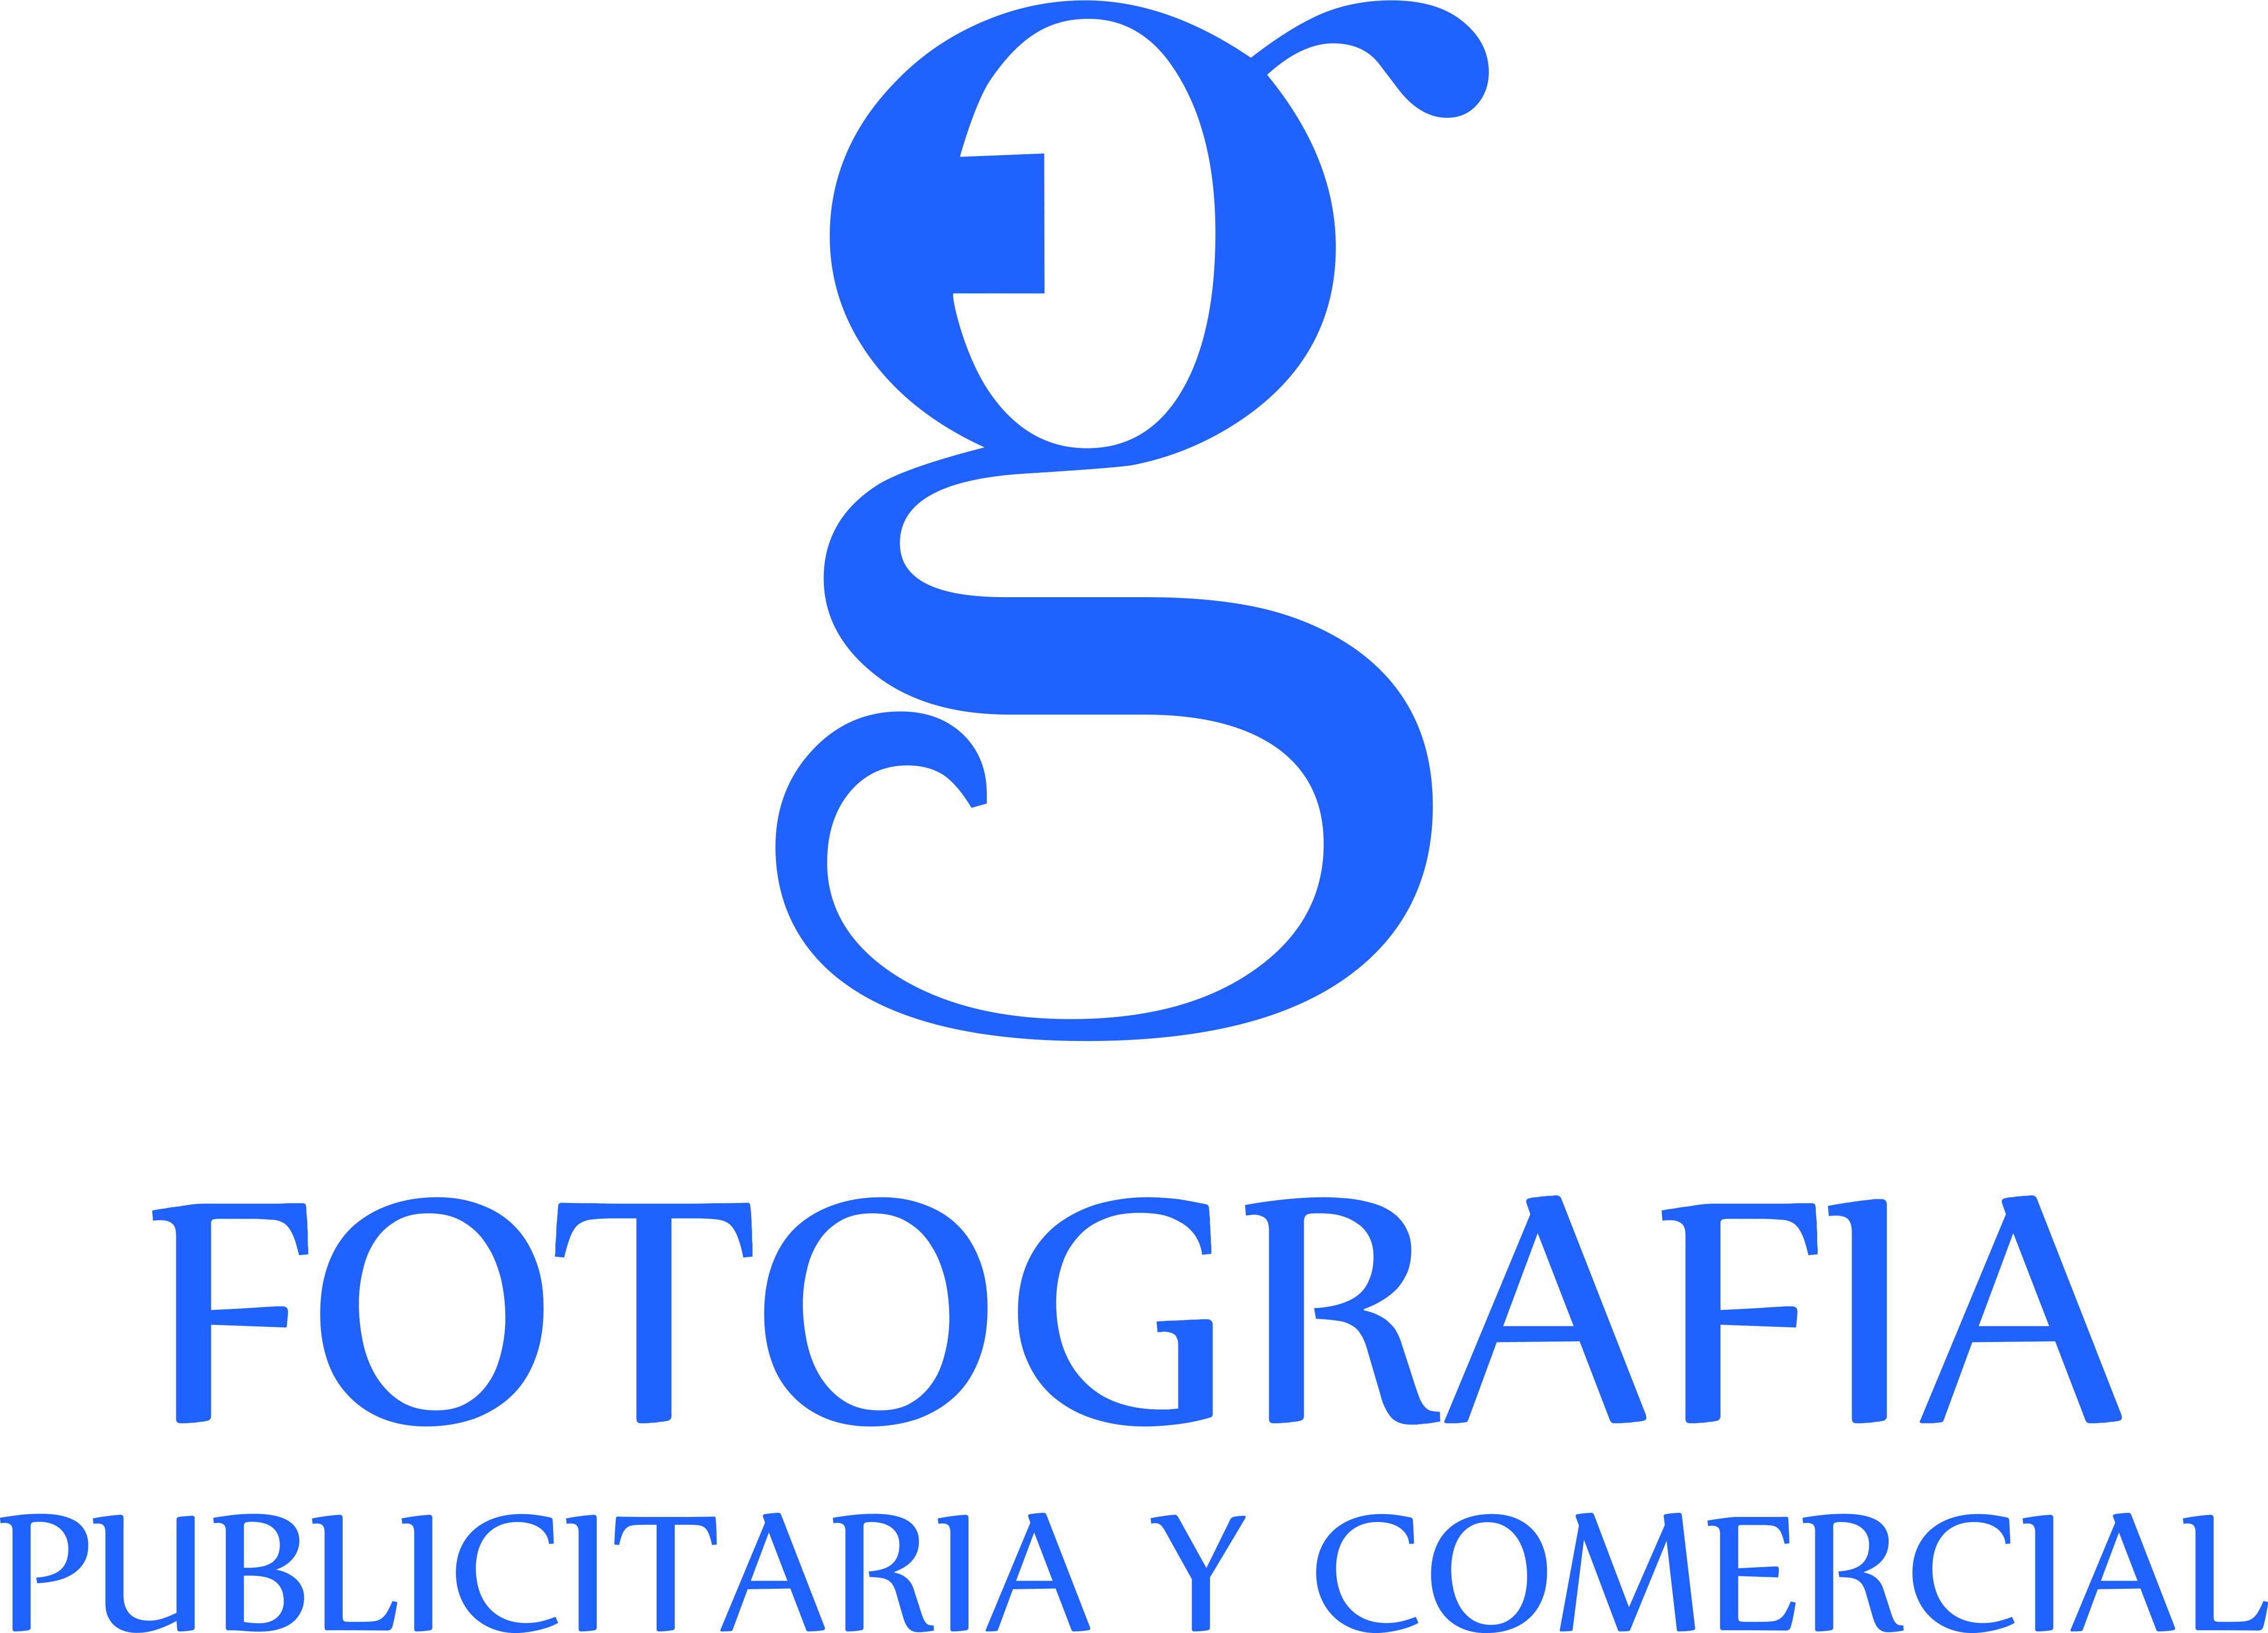 Fotografia Publicitaria y Comercial